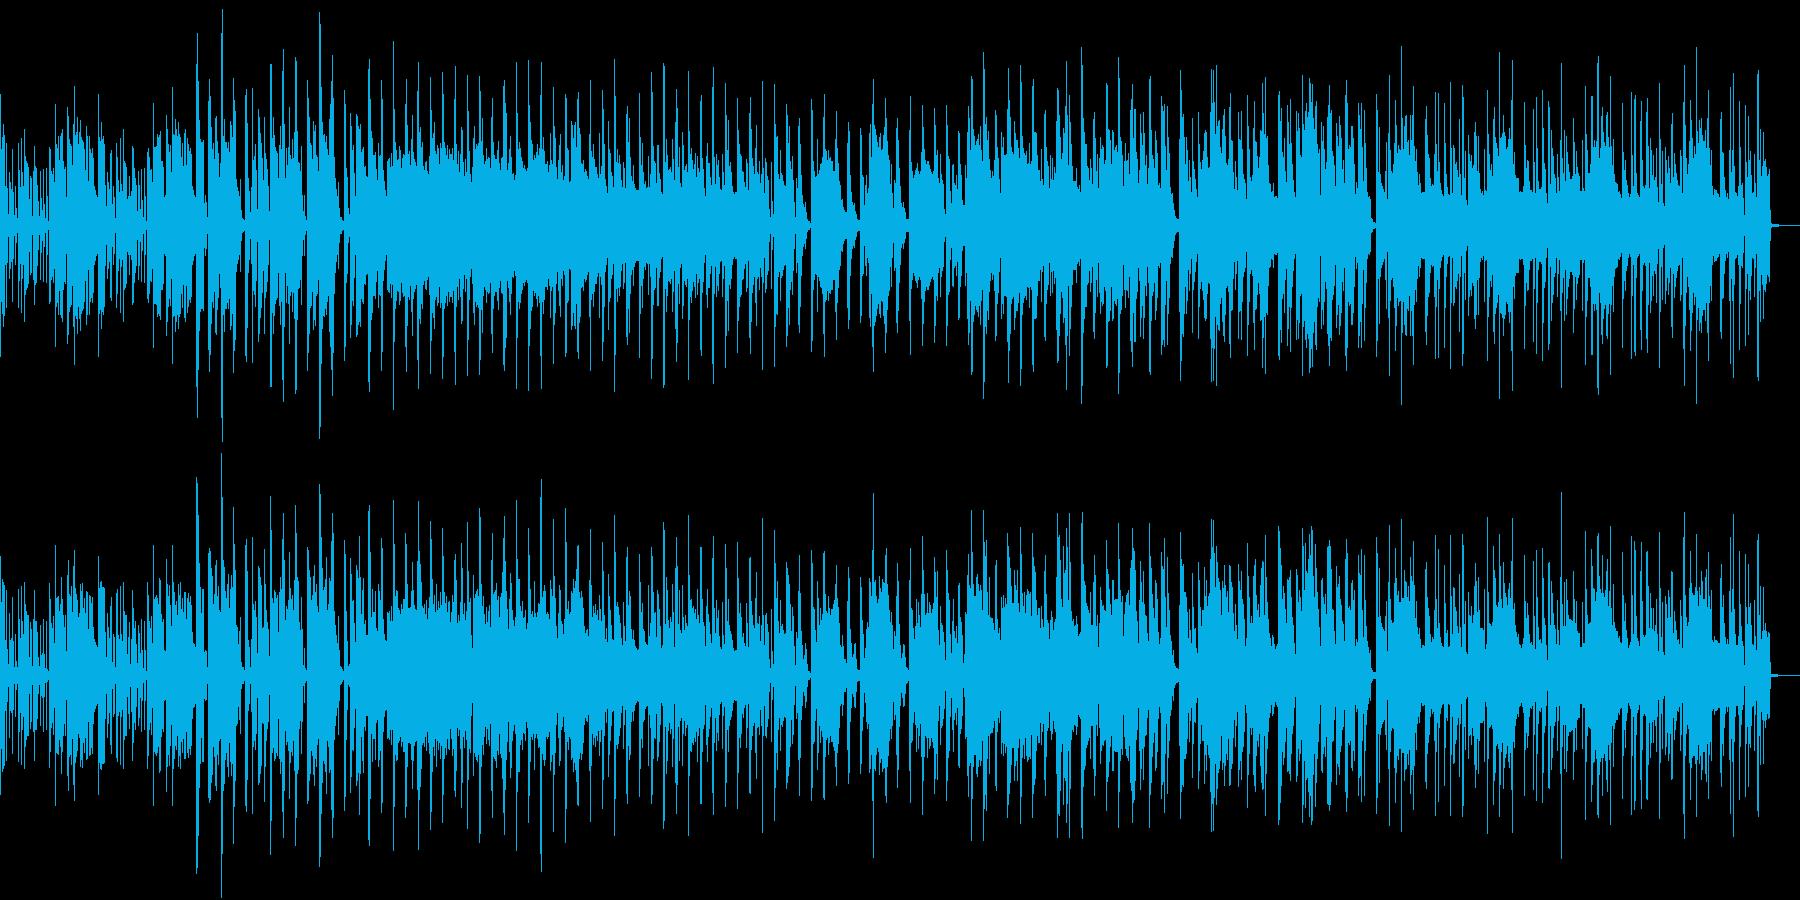 ファンキーな電子音楽の再生済みの波形